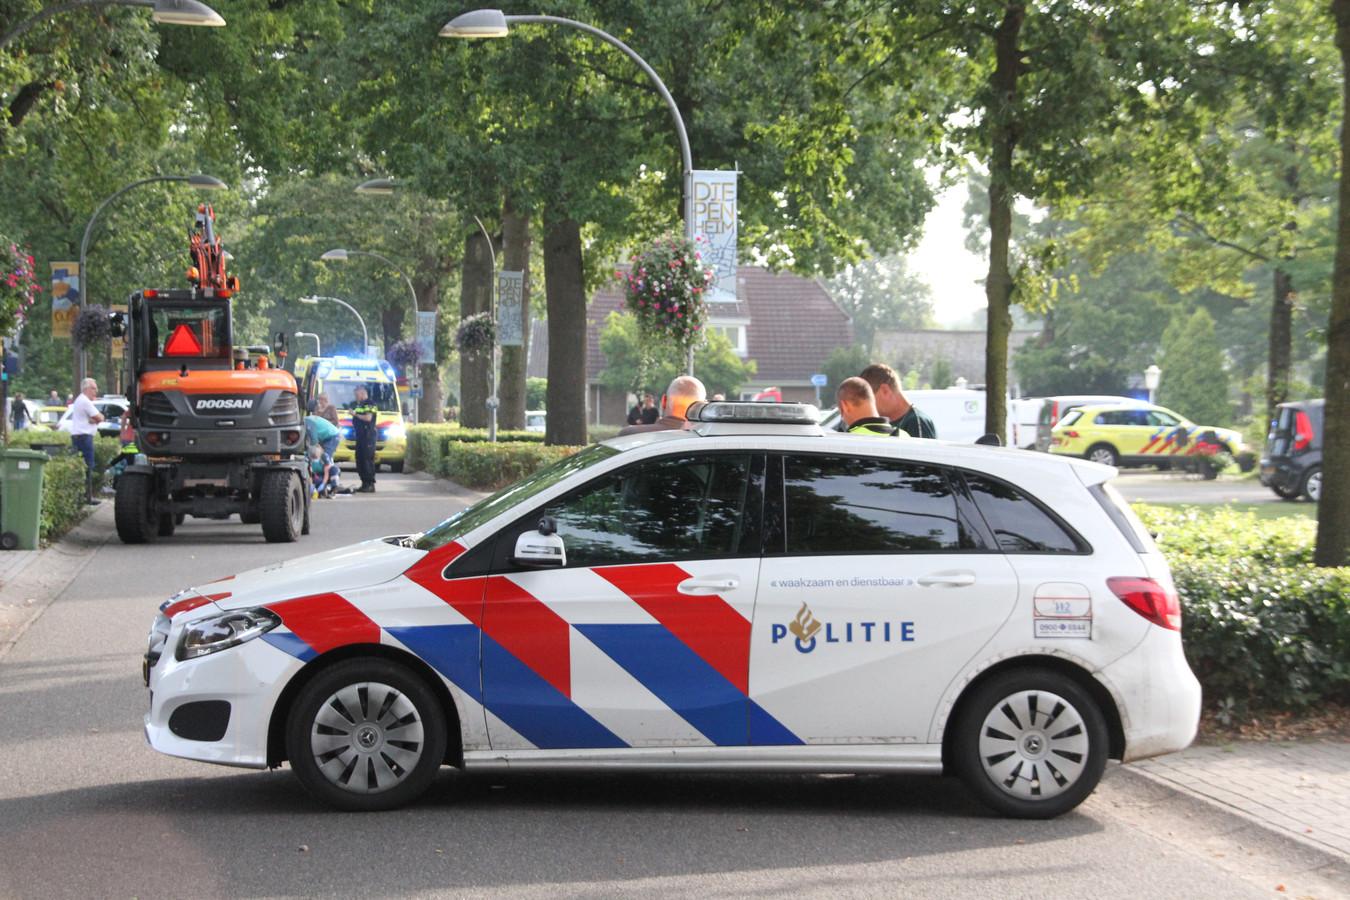 De weg is door de politie afgezet.